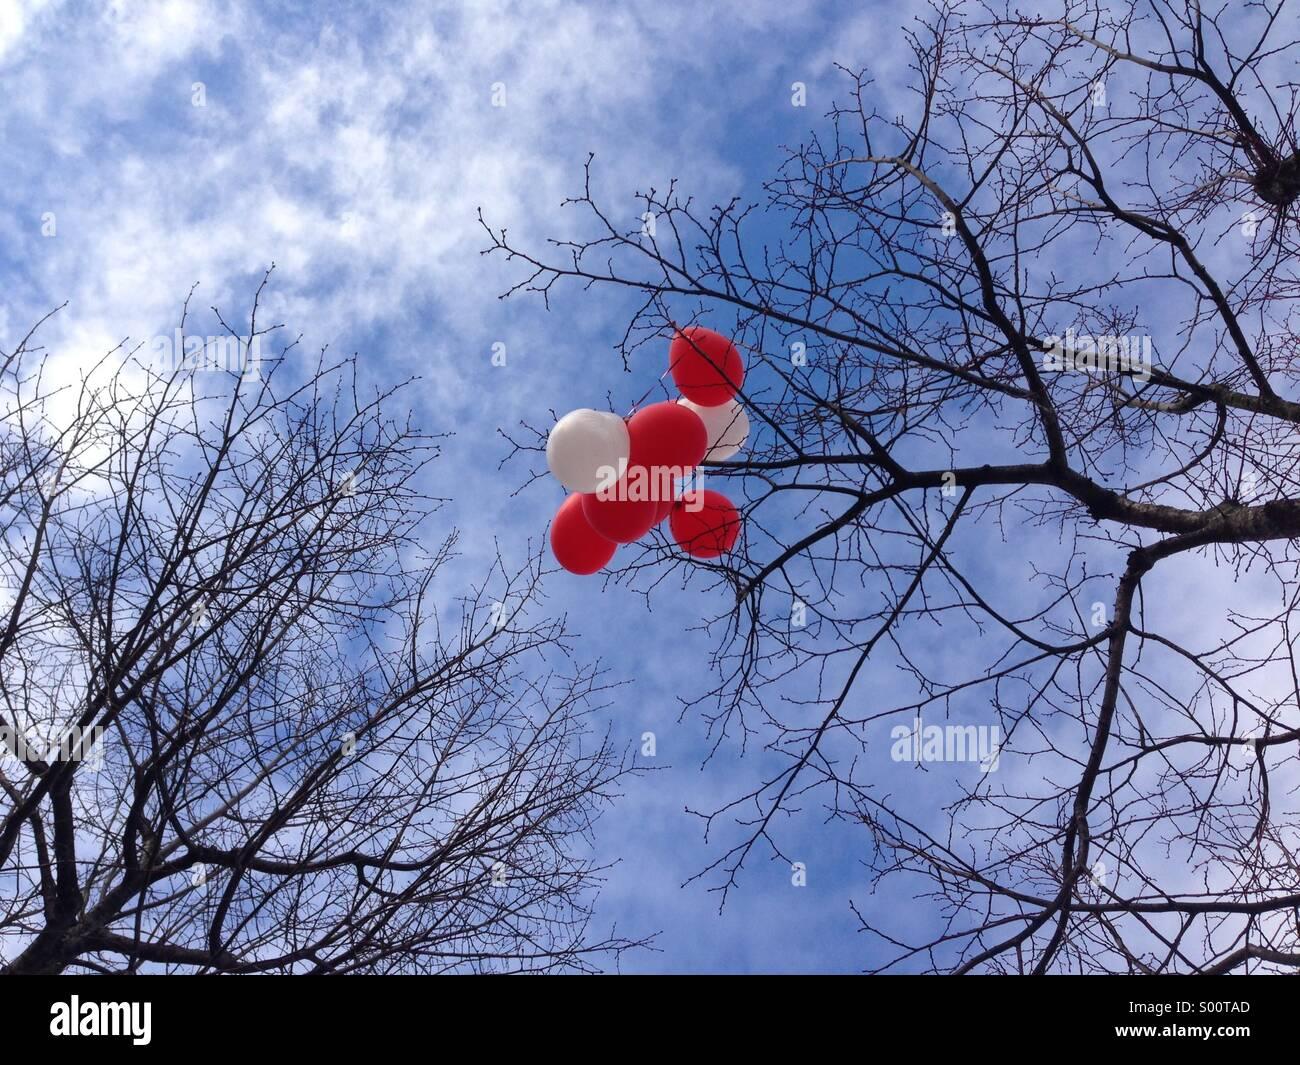 Ballons rouges et blancs pris dans les branches nues d'un arbre en hiver Photo Stock